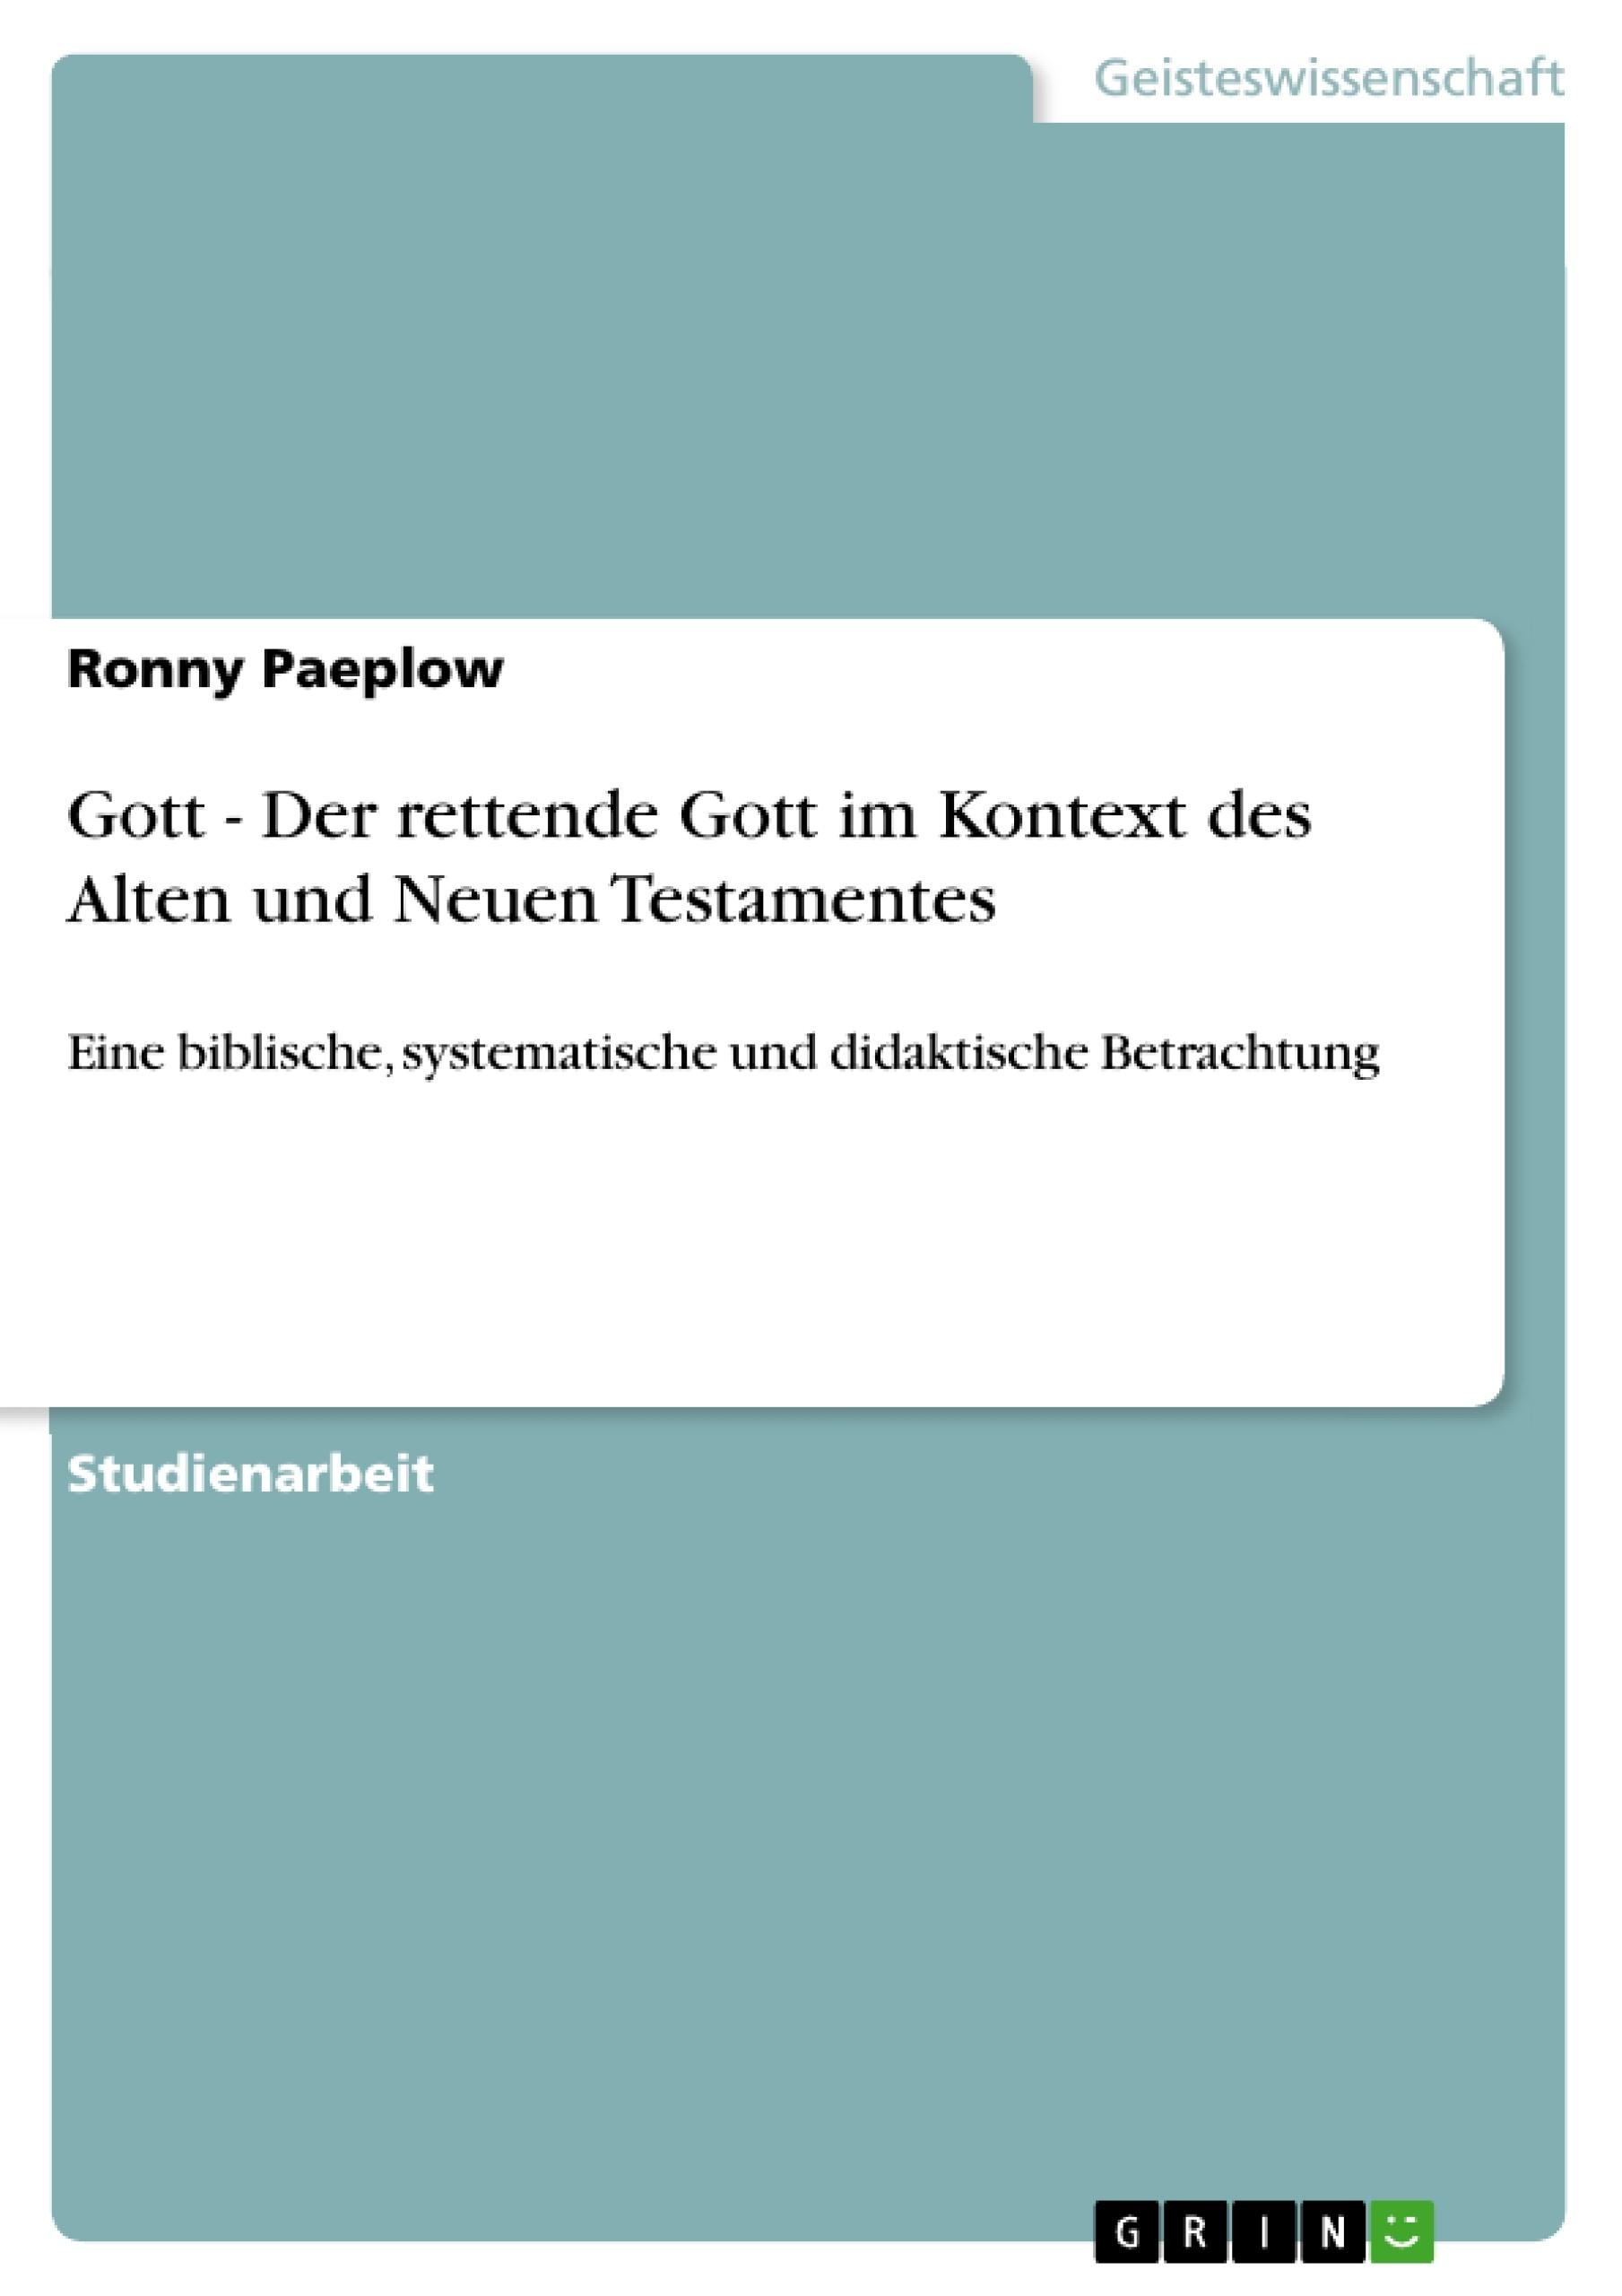 Titel: Gott - Der rettende Gott im Kontext des Alten und Neuen Testamentes